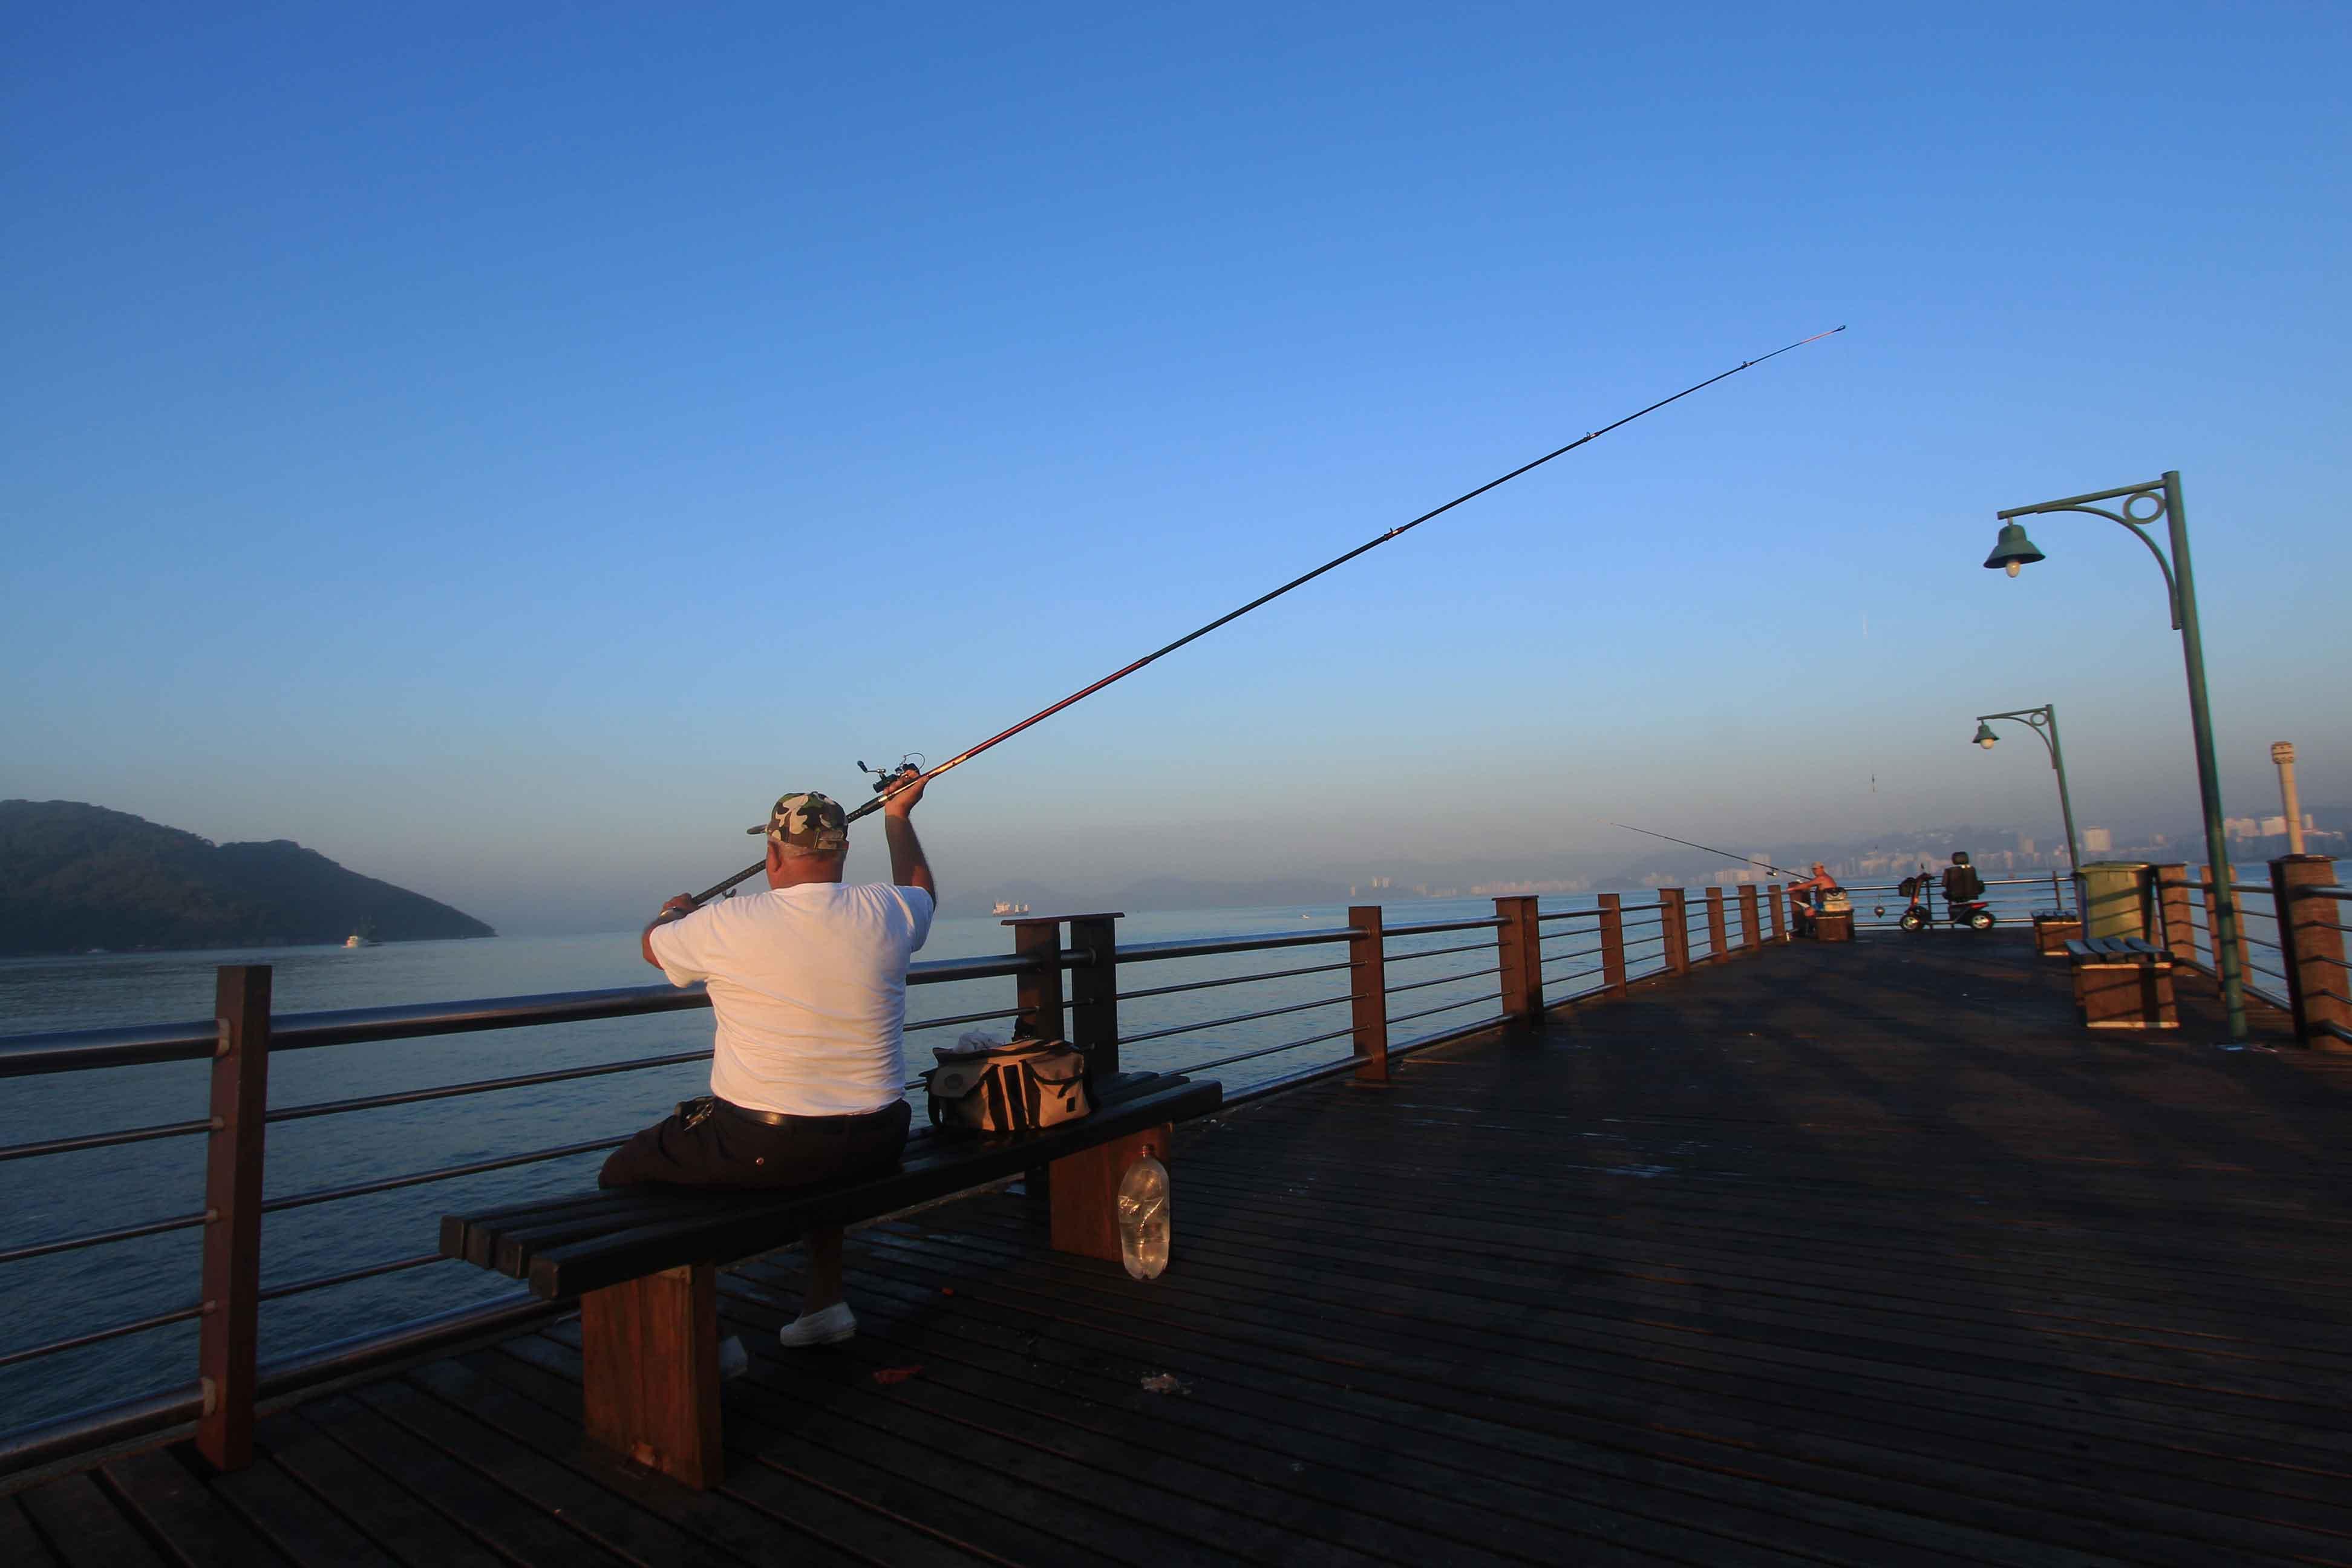 Marcio-Masulino-Santos-pescador-bx